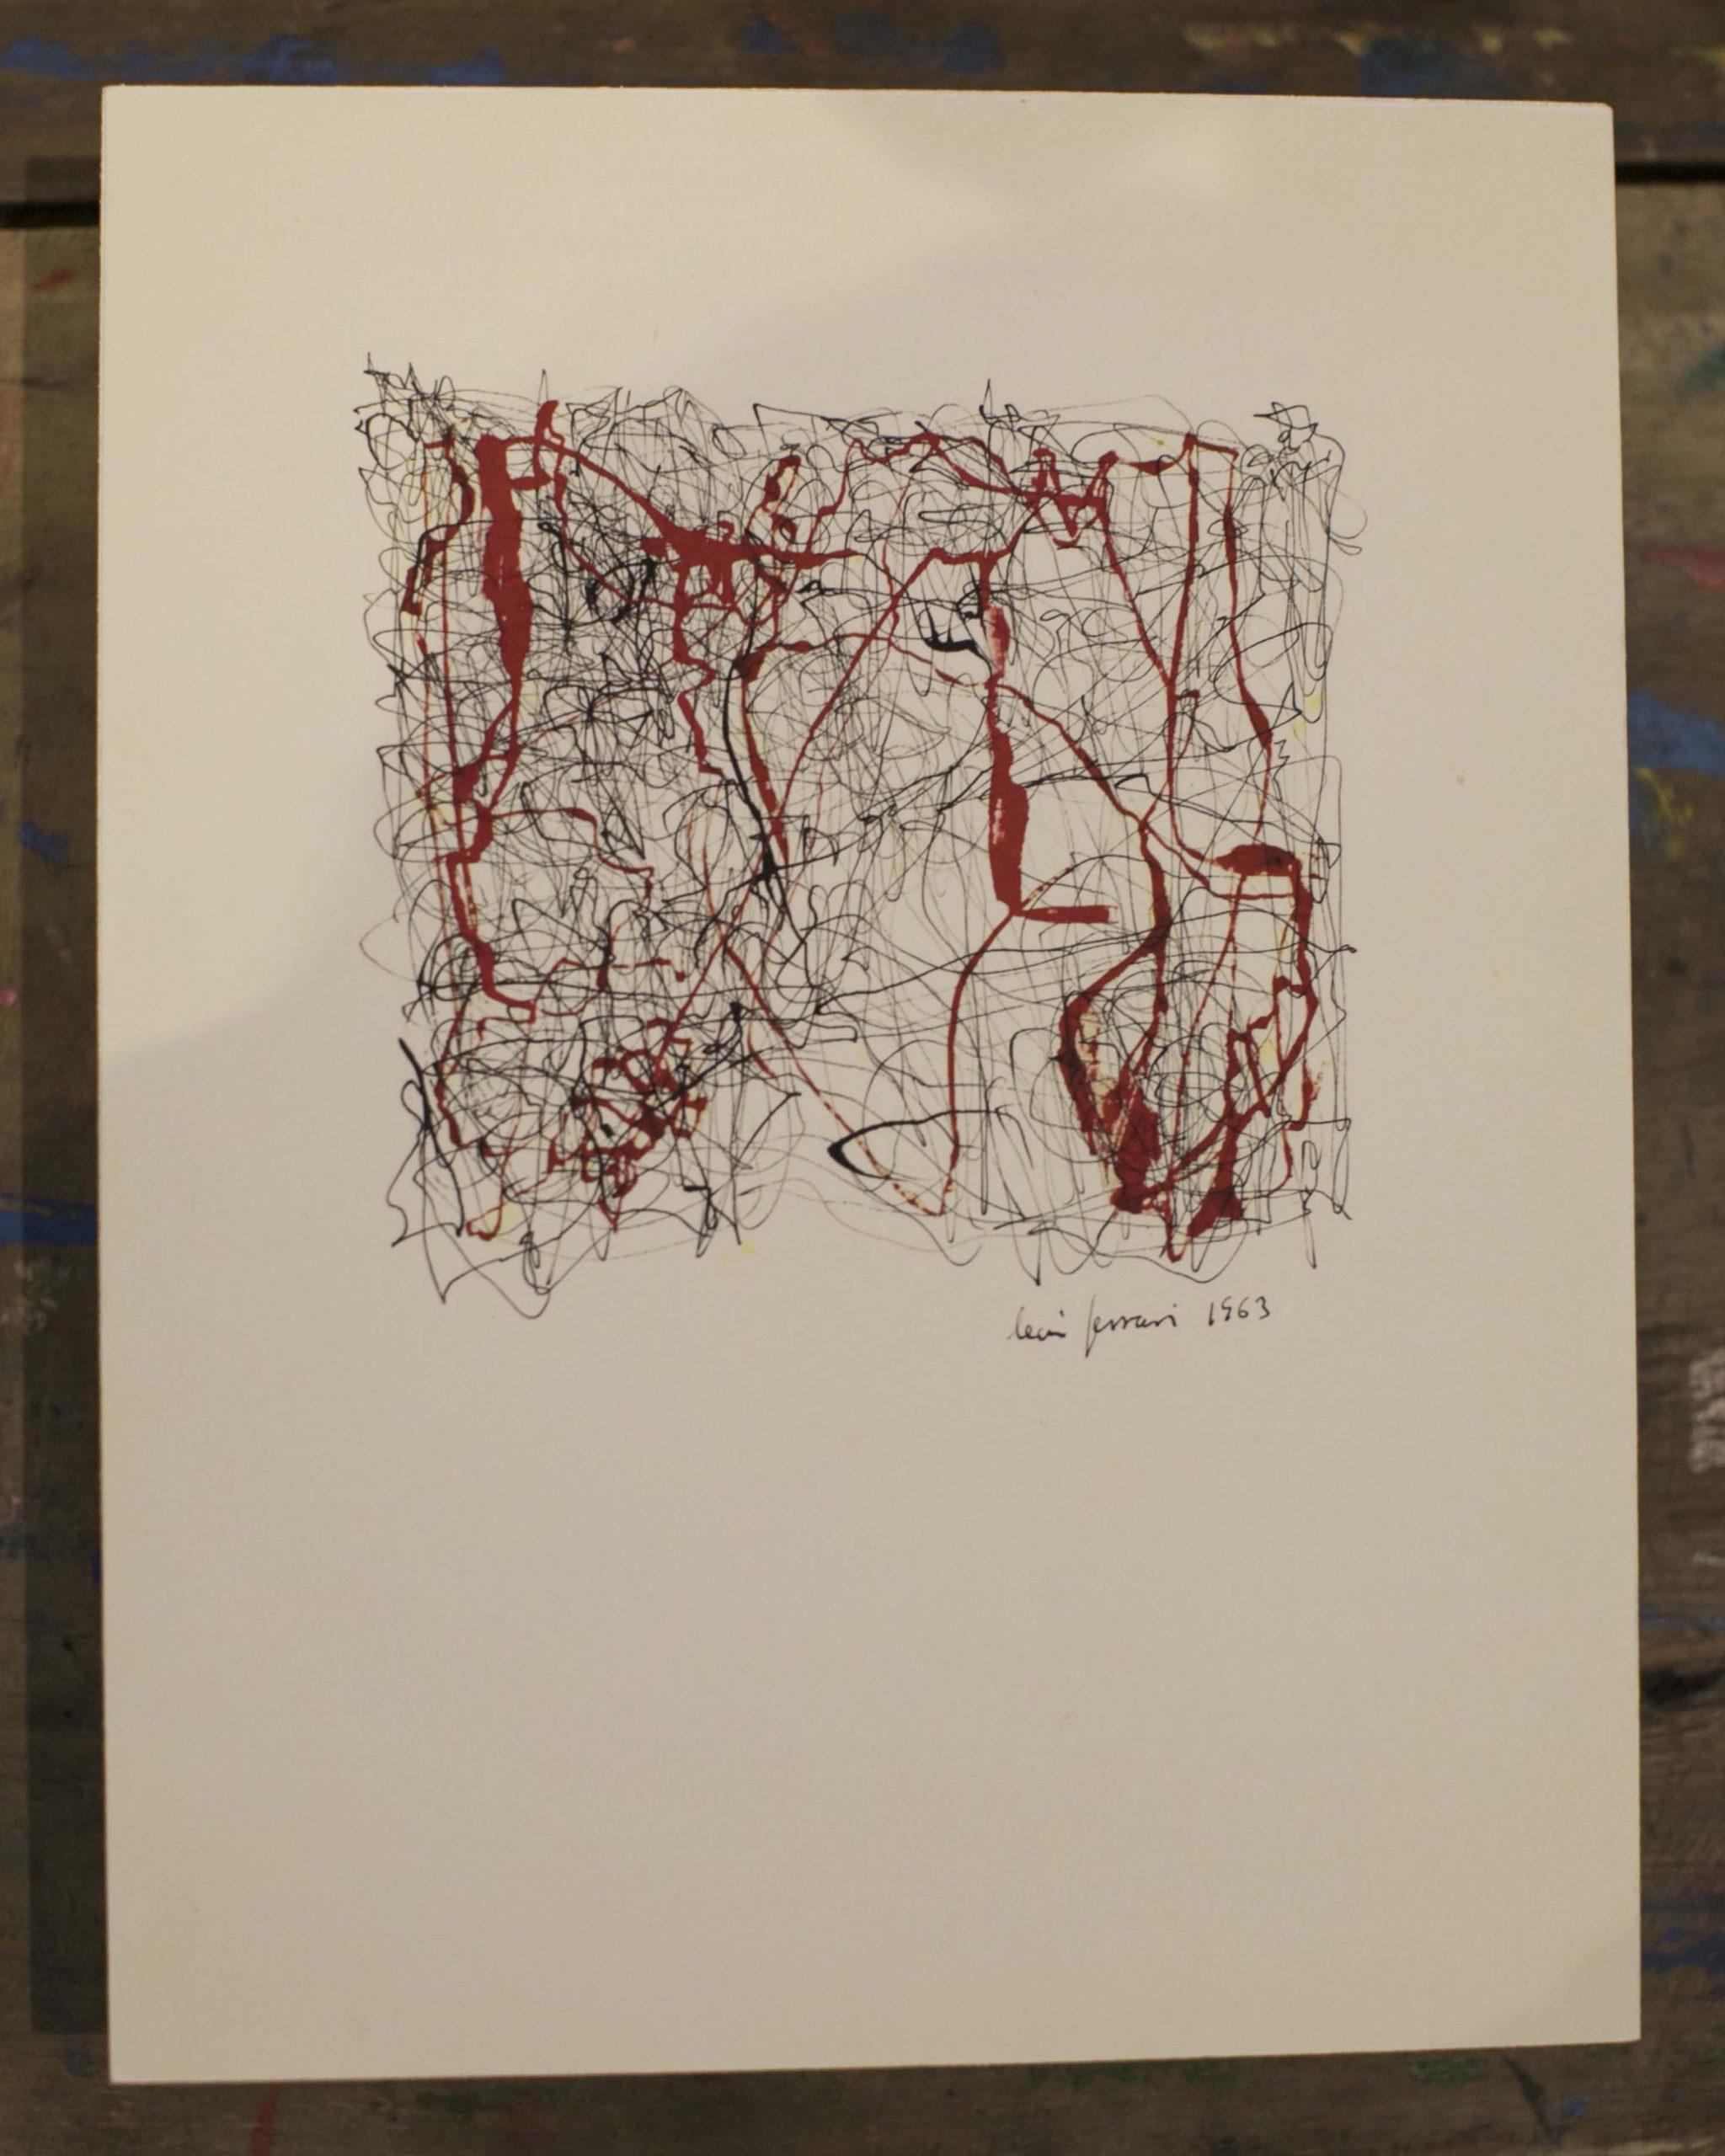 León Ferrari, Sin título, dibujo inspirado en el poema Sermón de la sangre de Rafael Alberti, tinta china sobre papel, 1963 © Laura Mandelik